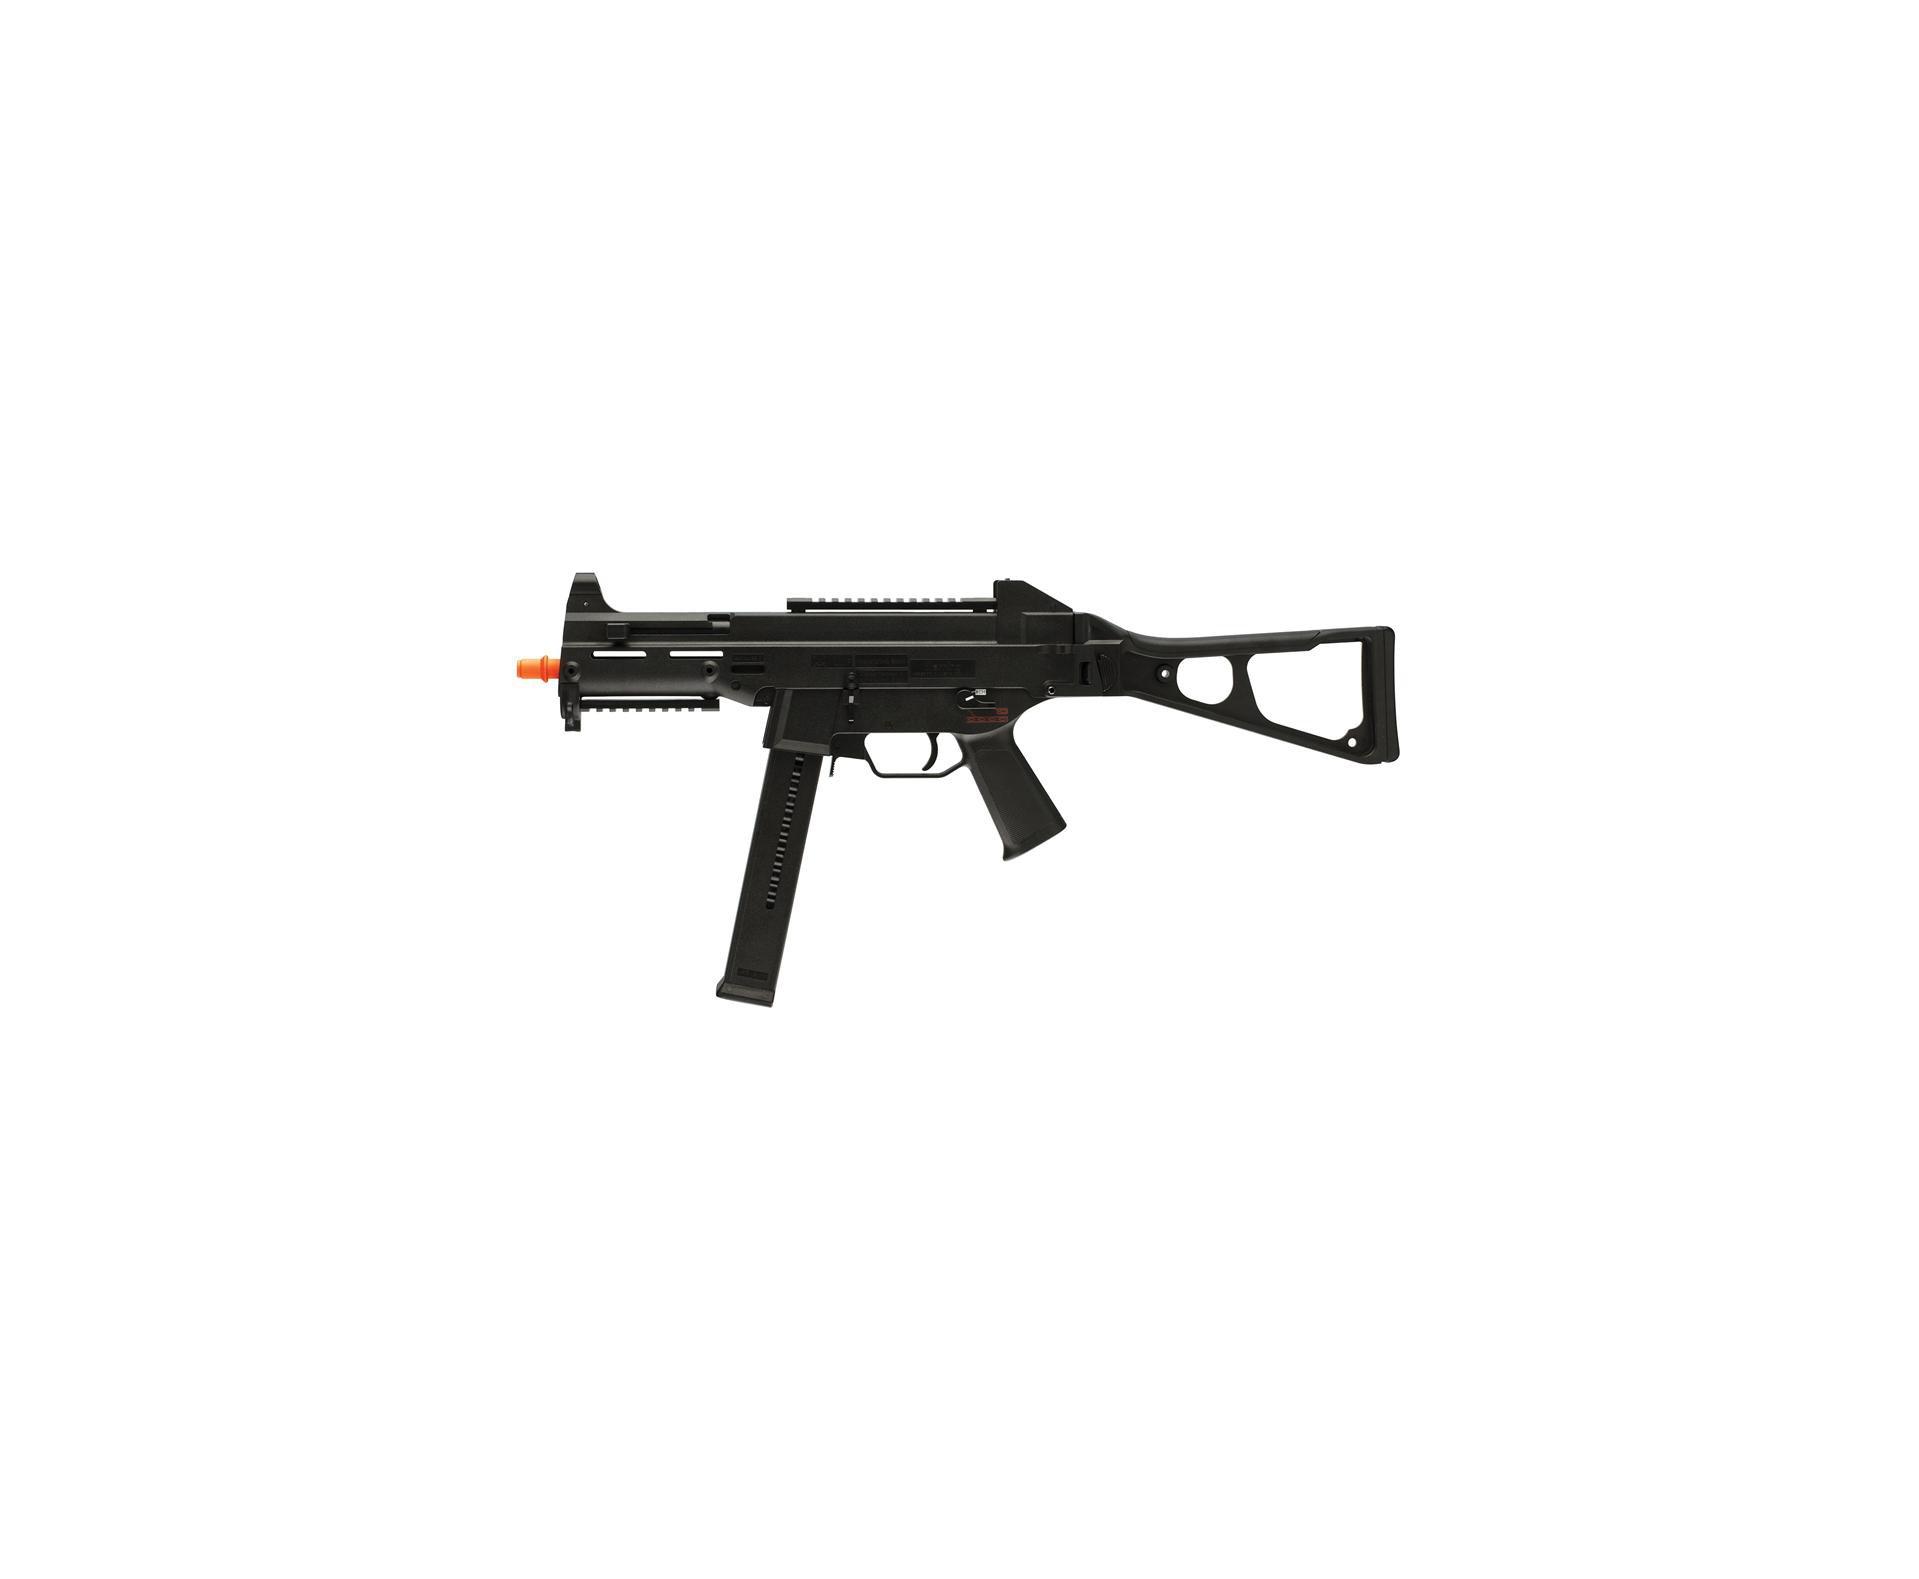 Rifle De Airsoft H&k Ump - Cal 6.0mm - Umarex